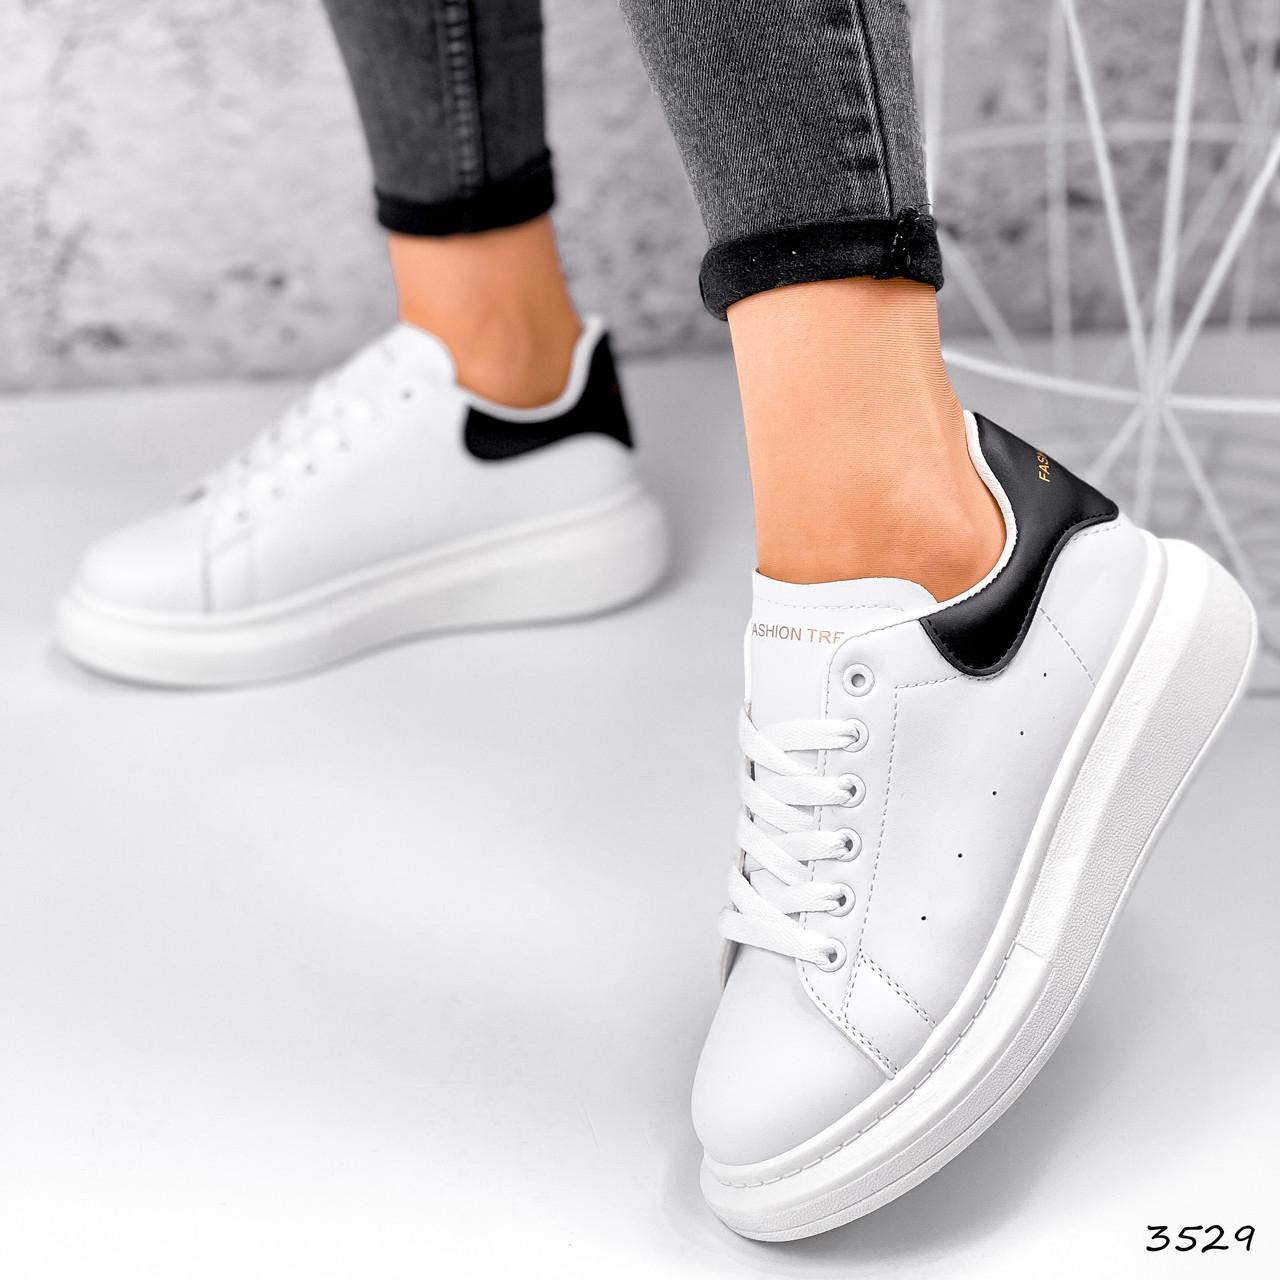 Кроссовки женские Nevin белые + черные 3529